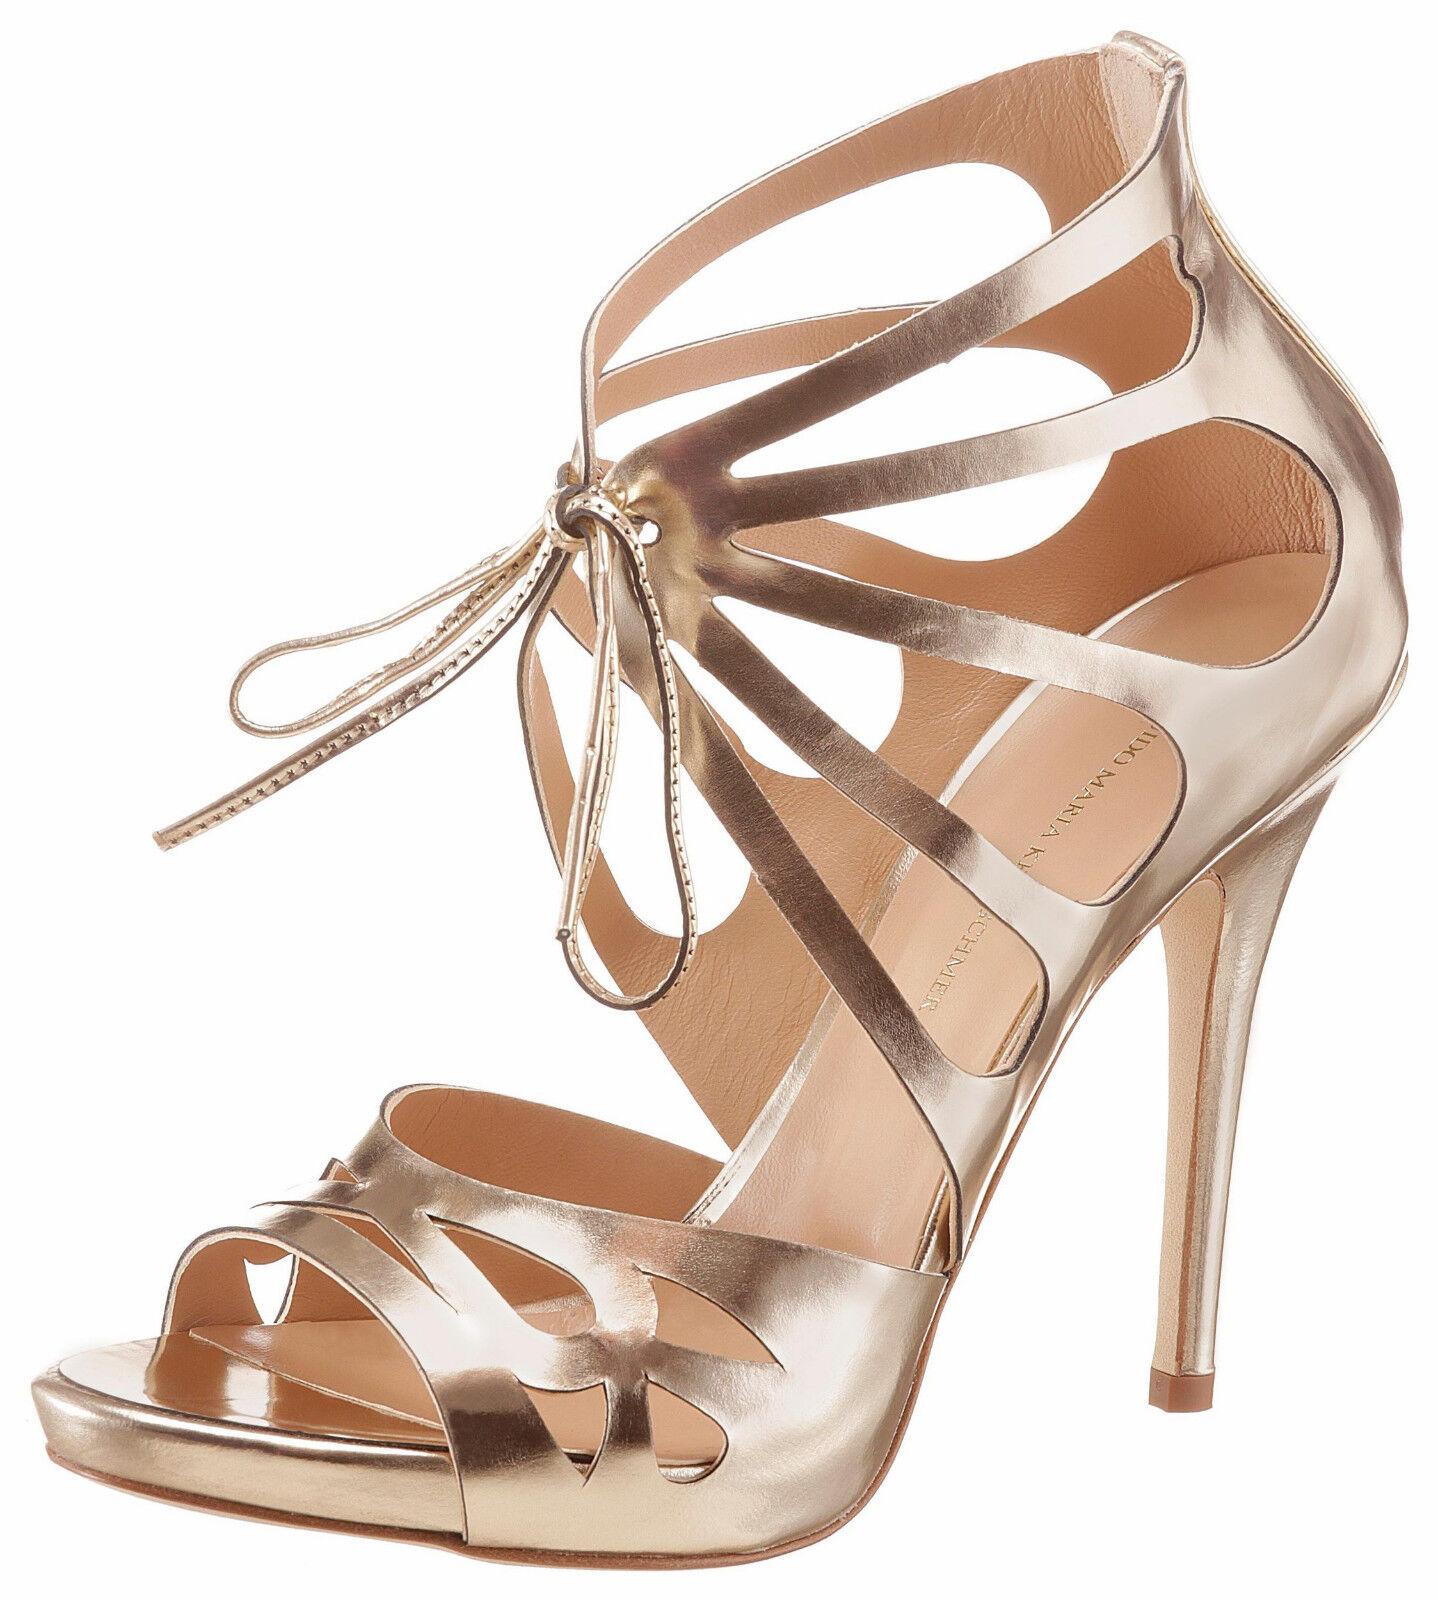 GUIDO MARIA KRETSCHMER High-Heel-Sandalette, mit modischer Schnürung, Gr.39